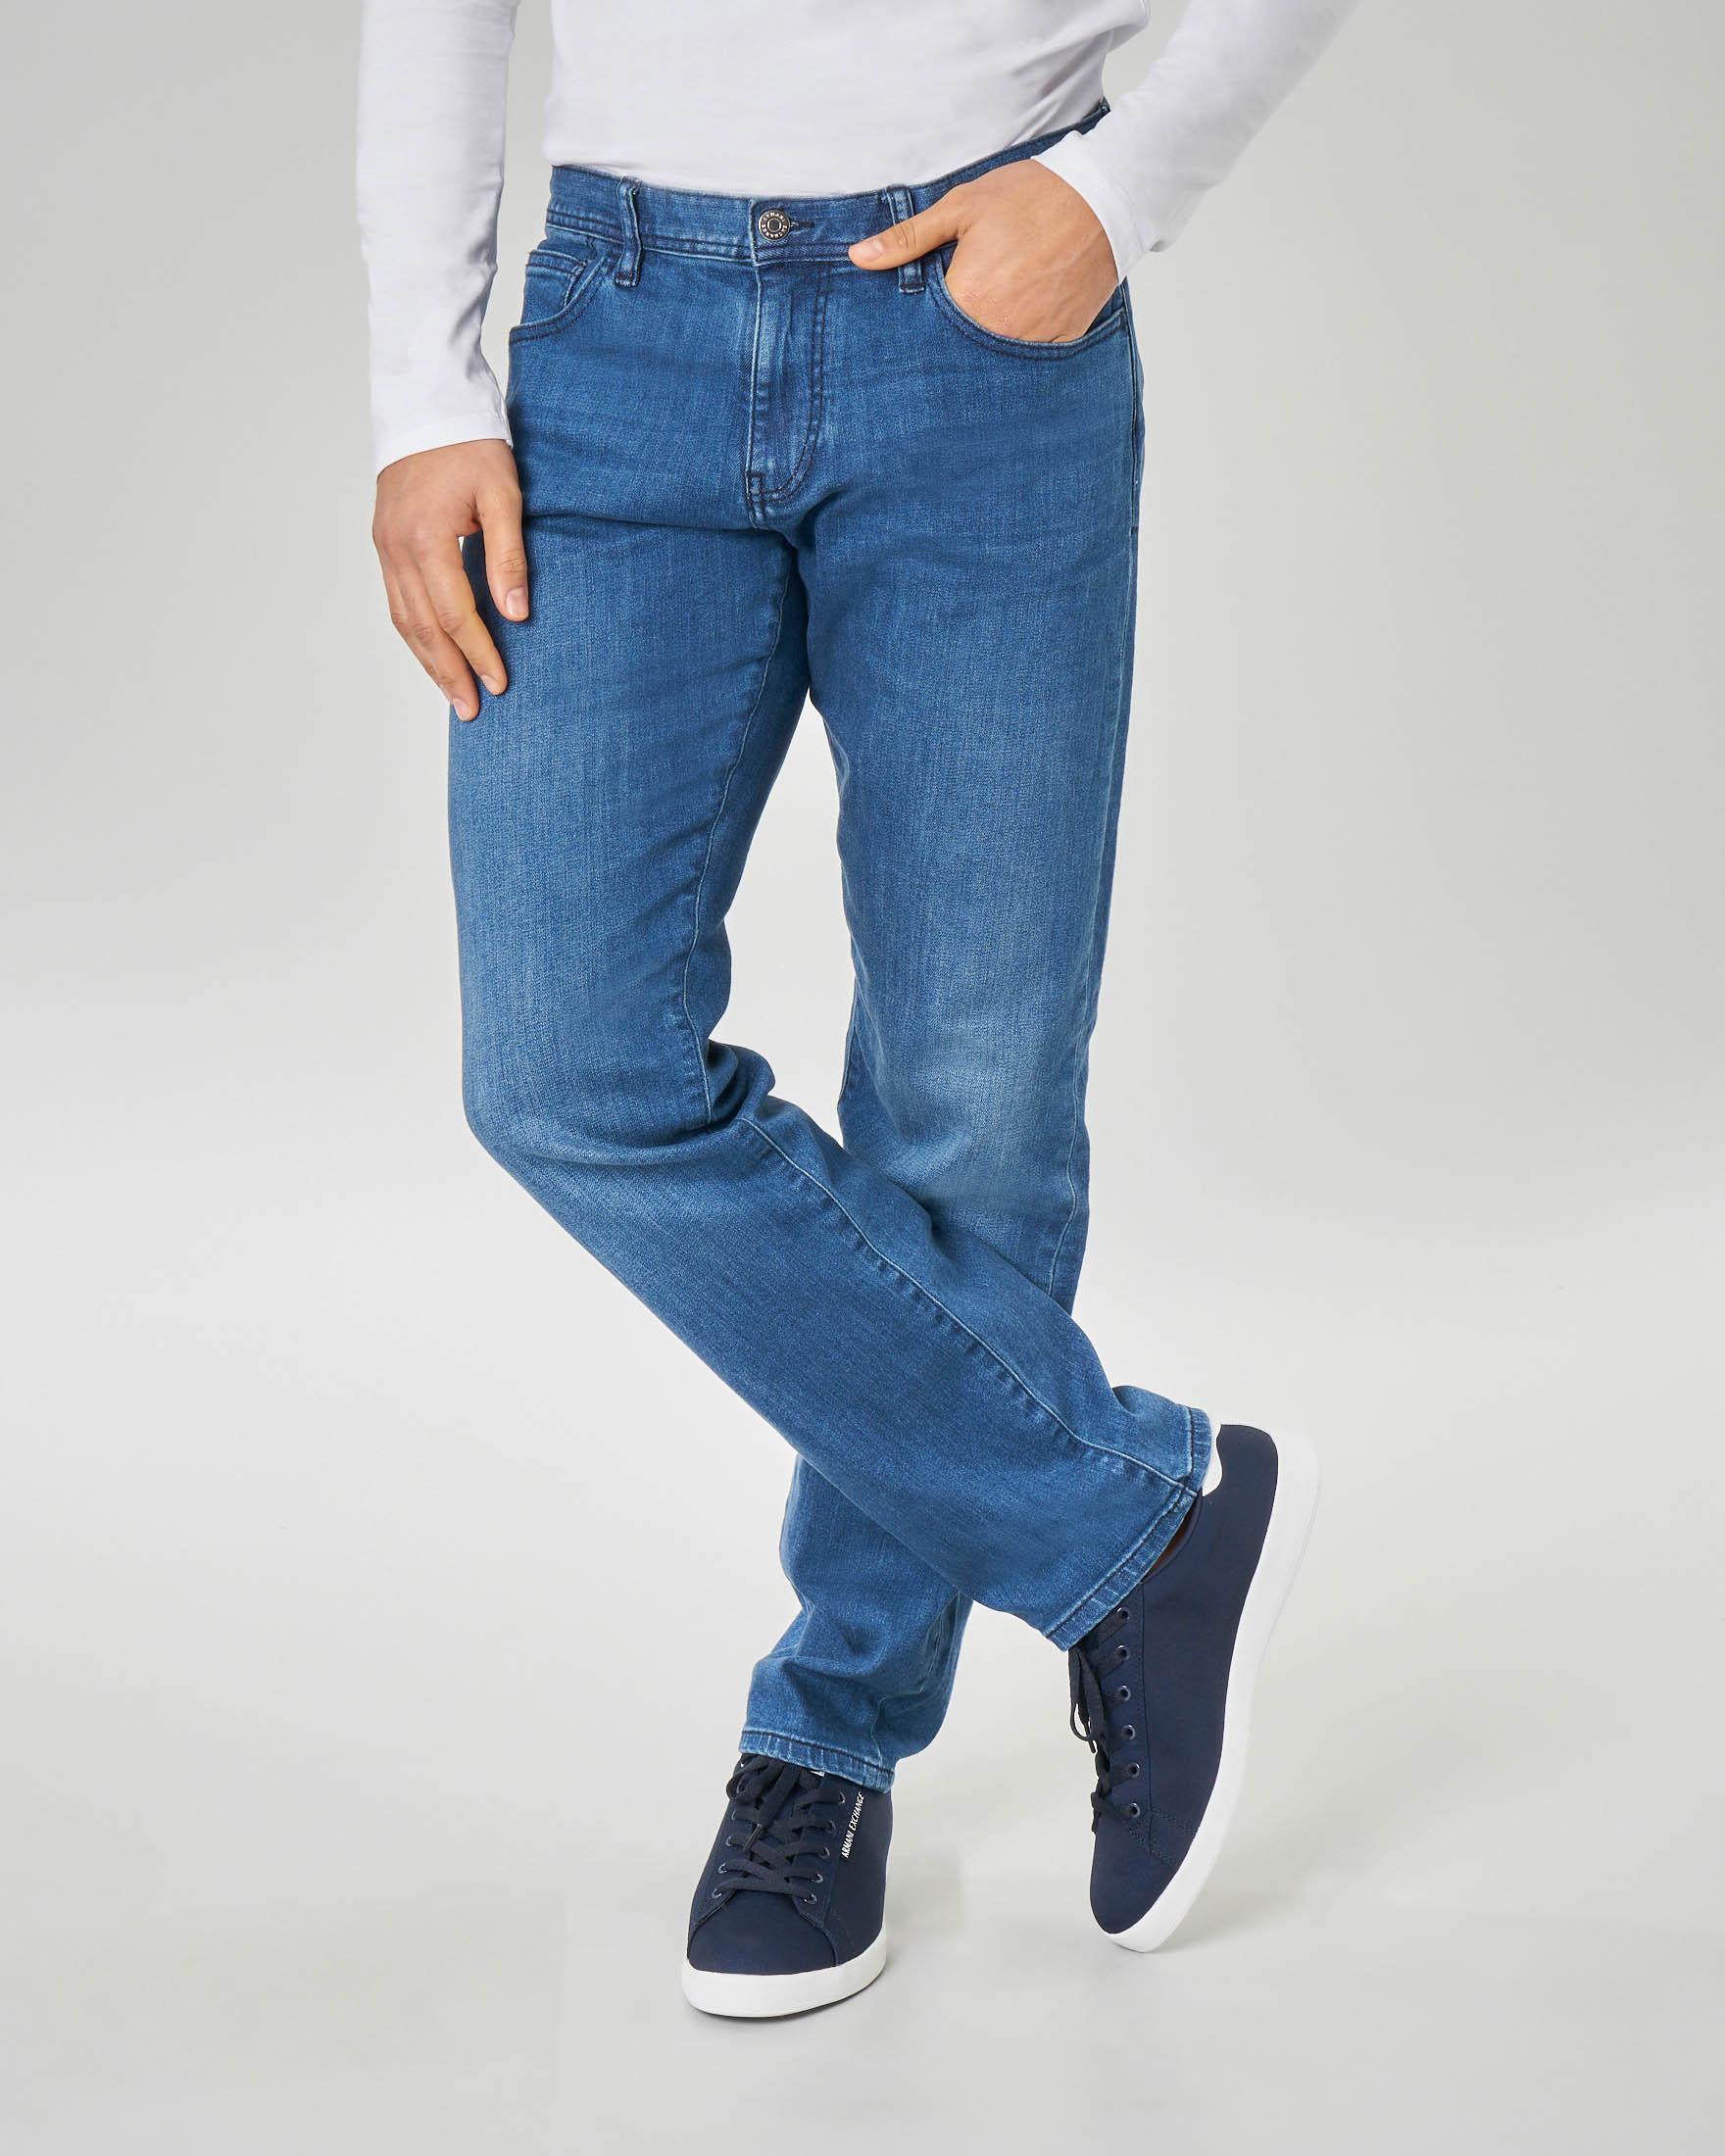 Jeans J16 lavaggio indigo